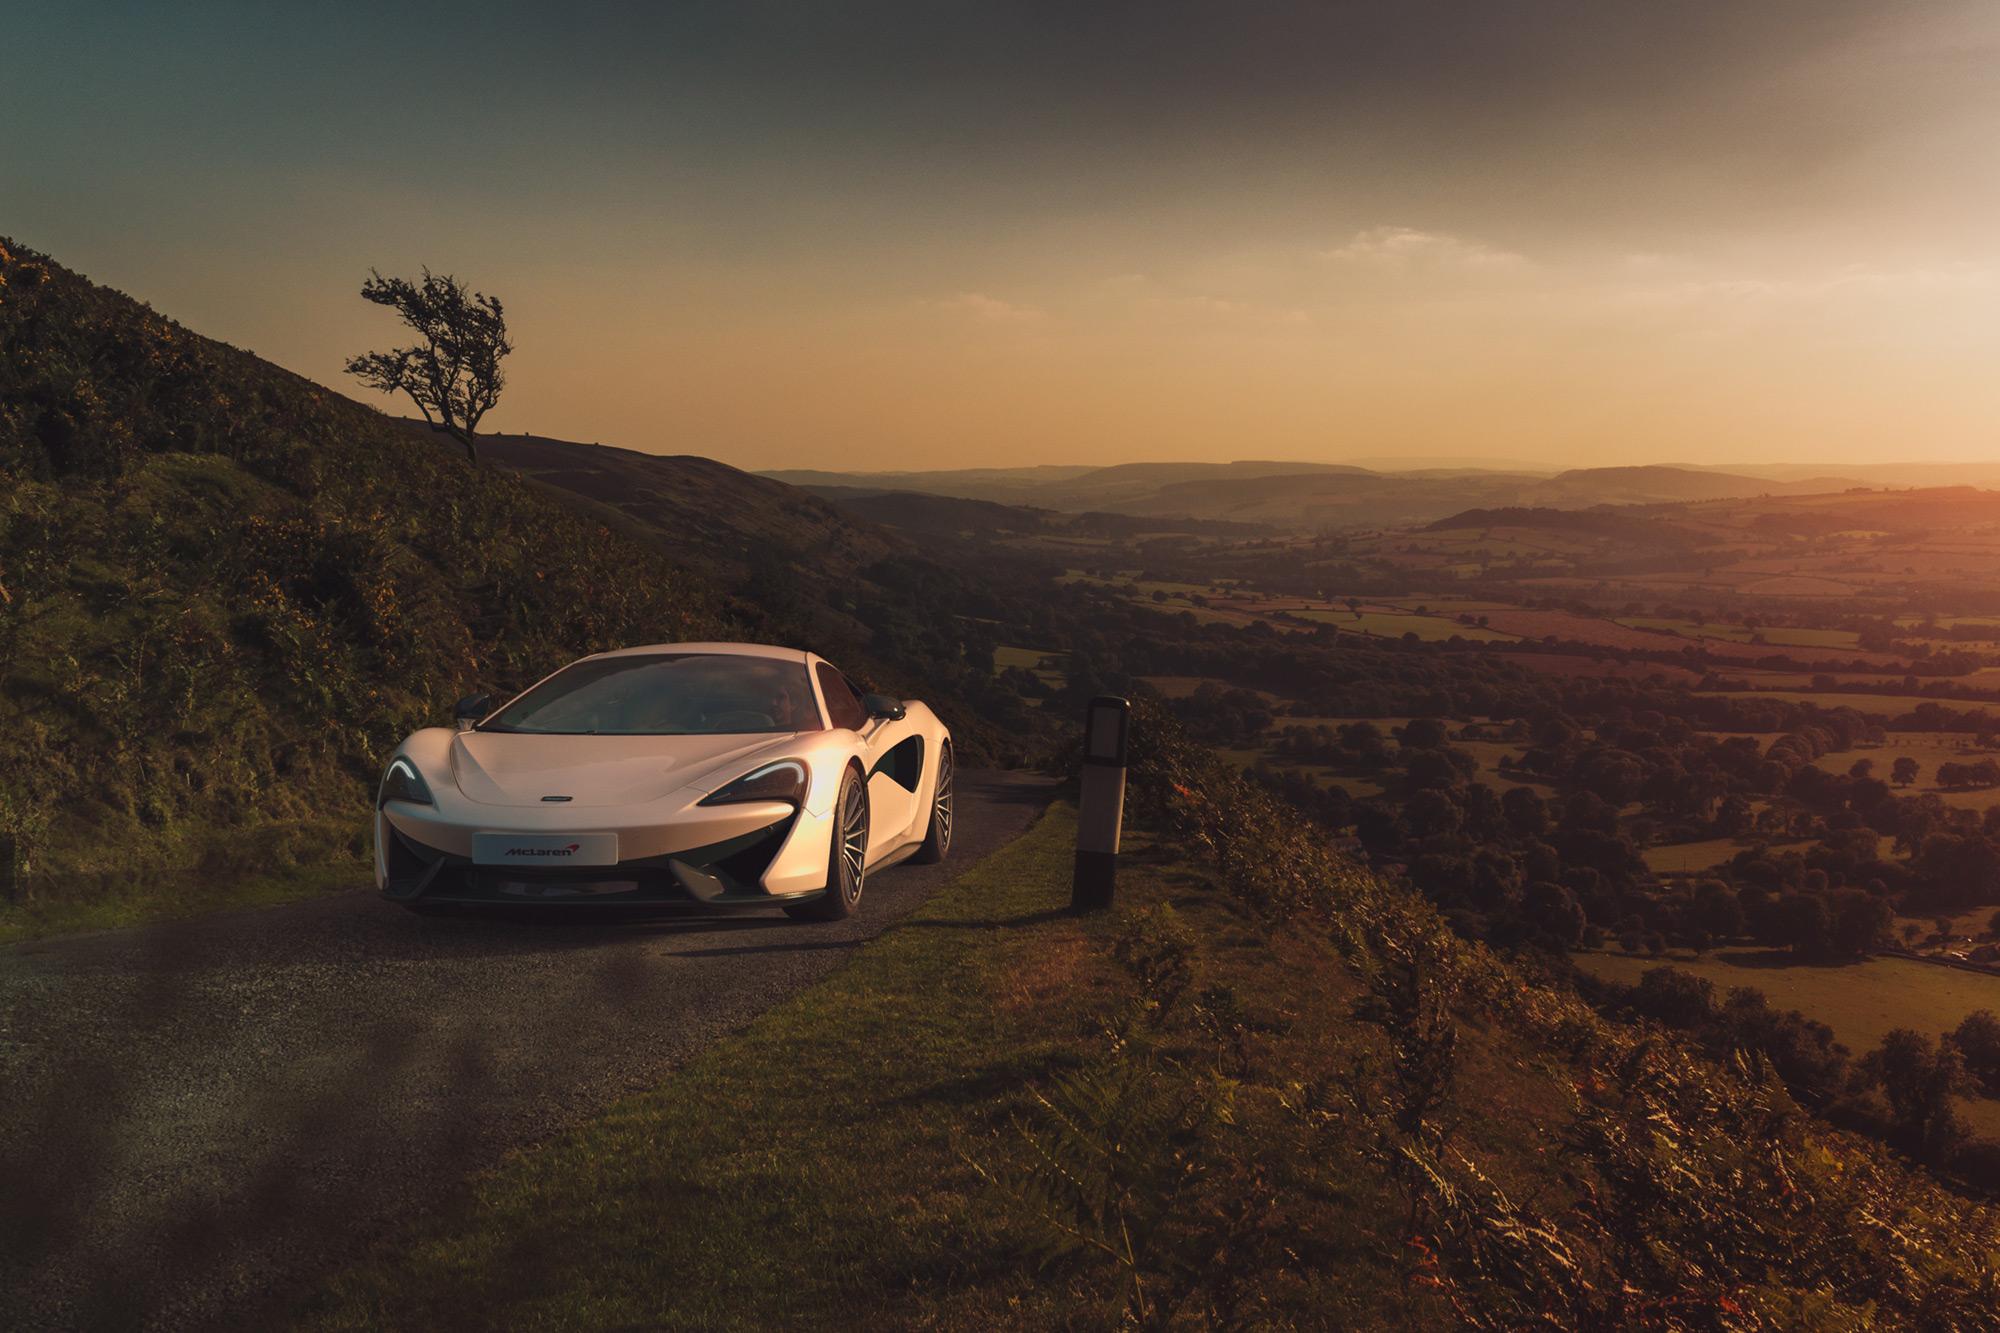 McLaren 570s car photographer